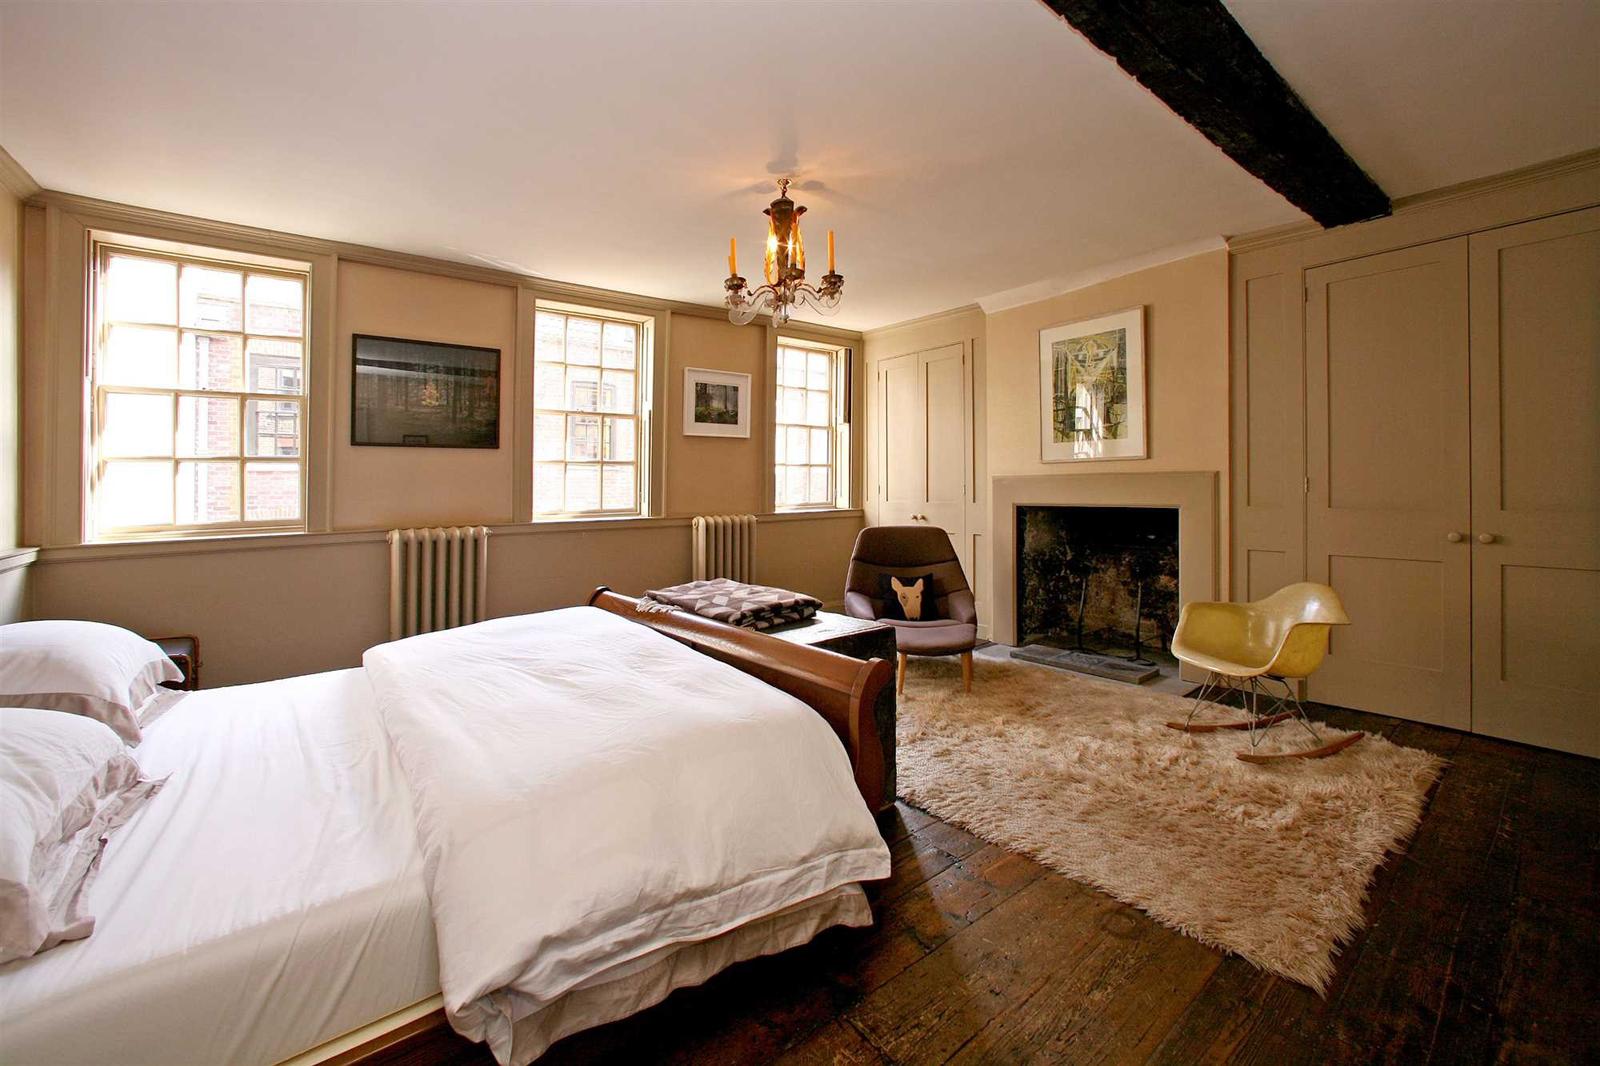 Princelet-St-bedroom-2